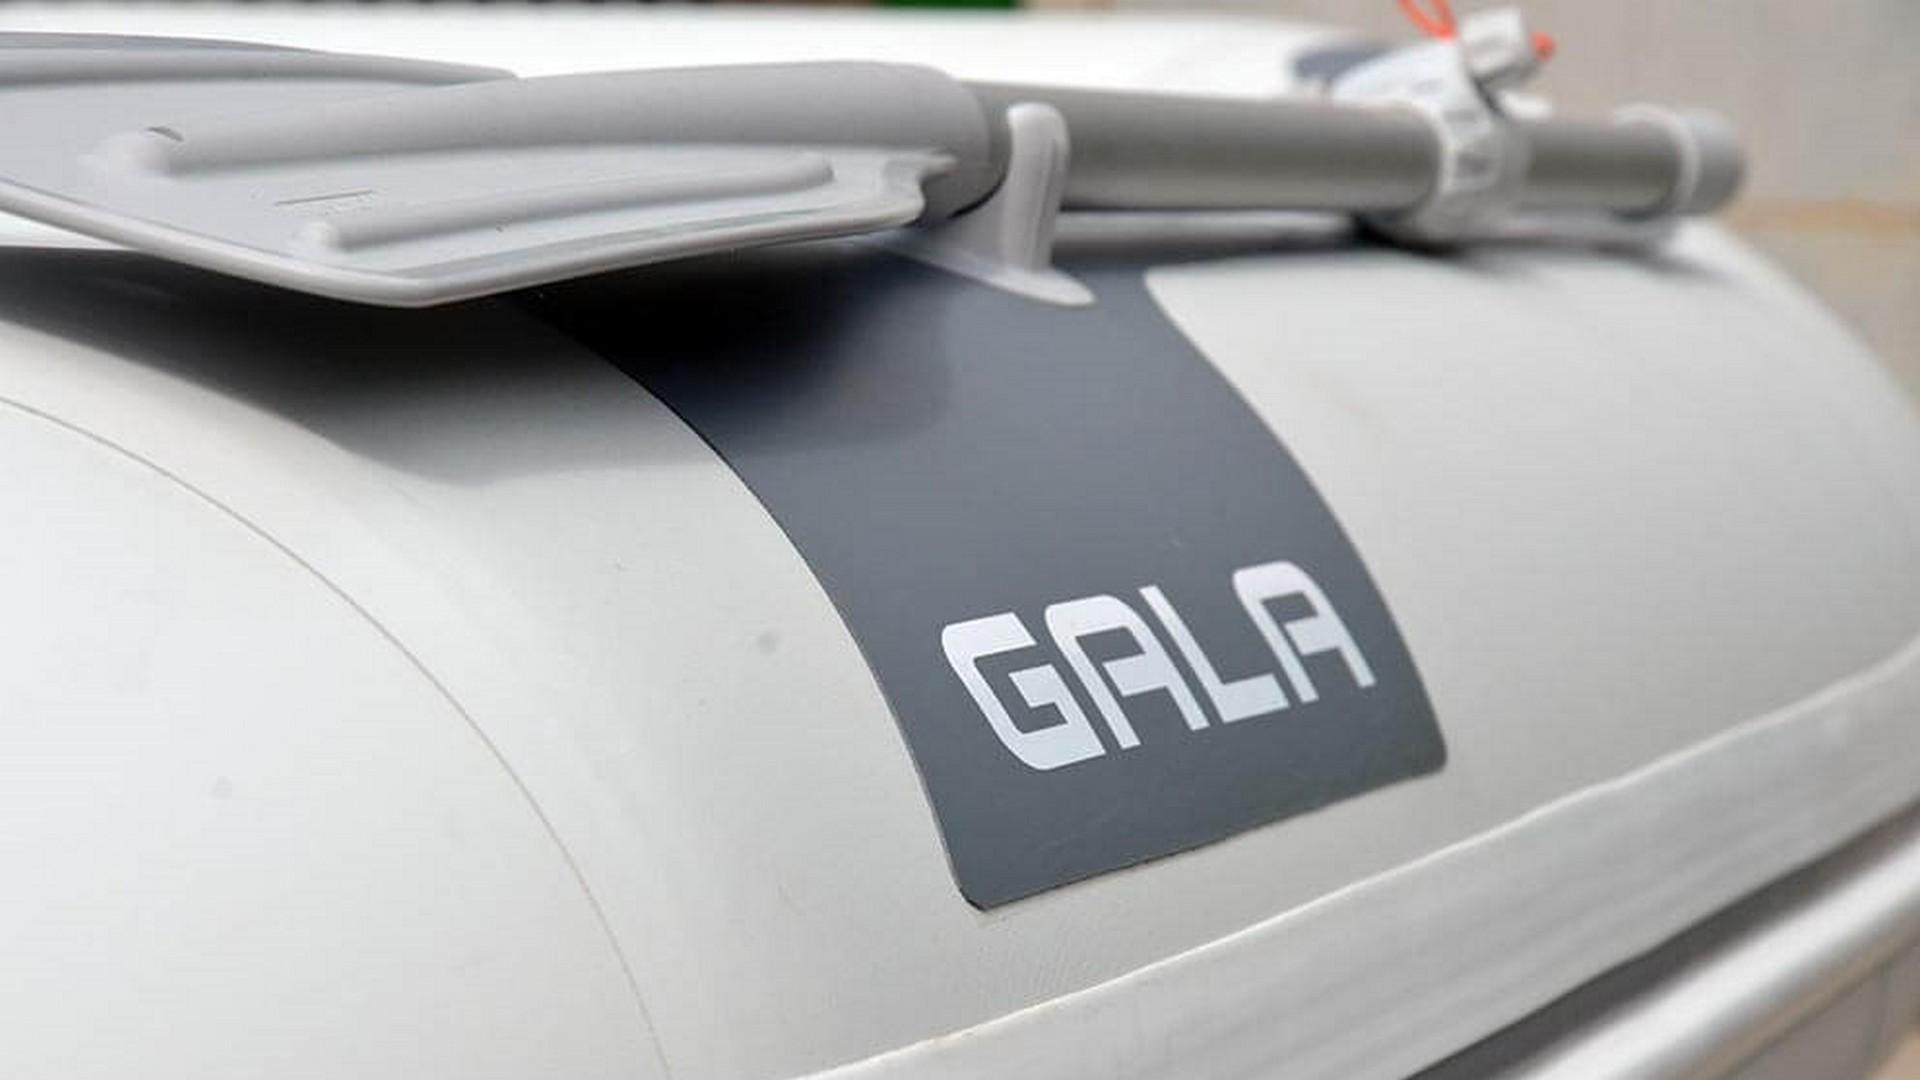 Надувная лодка с жестким алюминиевым дном GALA Atlantis A360, Надувная лодка с жестким дном GALA Atlantis A360, Надувная лодка с жестким дном GALA A360, Надувная лодка GALA A360, Надувная лодка GALA A360, GALA A360, Надувная лодка GALA A360D, Надувная лодка GALA A360D, GALA A360D, лодка с жестким дном, алюминиевый риб, алюминиевый RIB, RIB, тендерная лодка, тендер для яхты